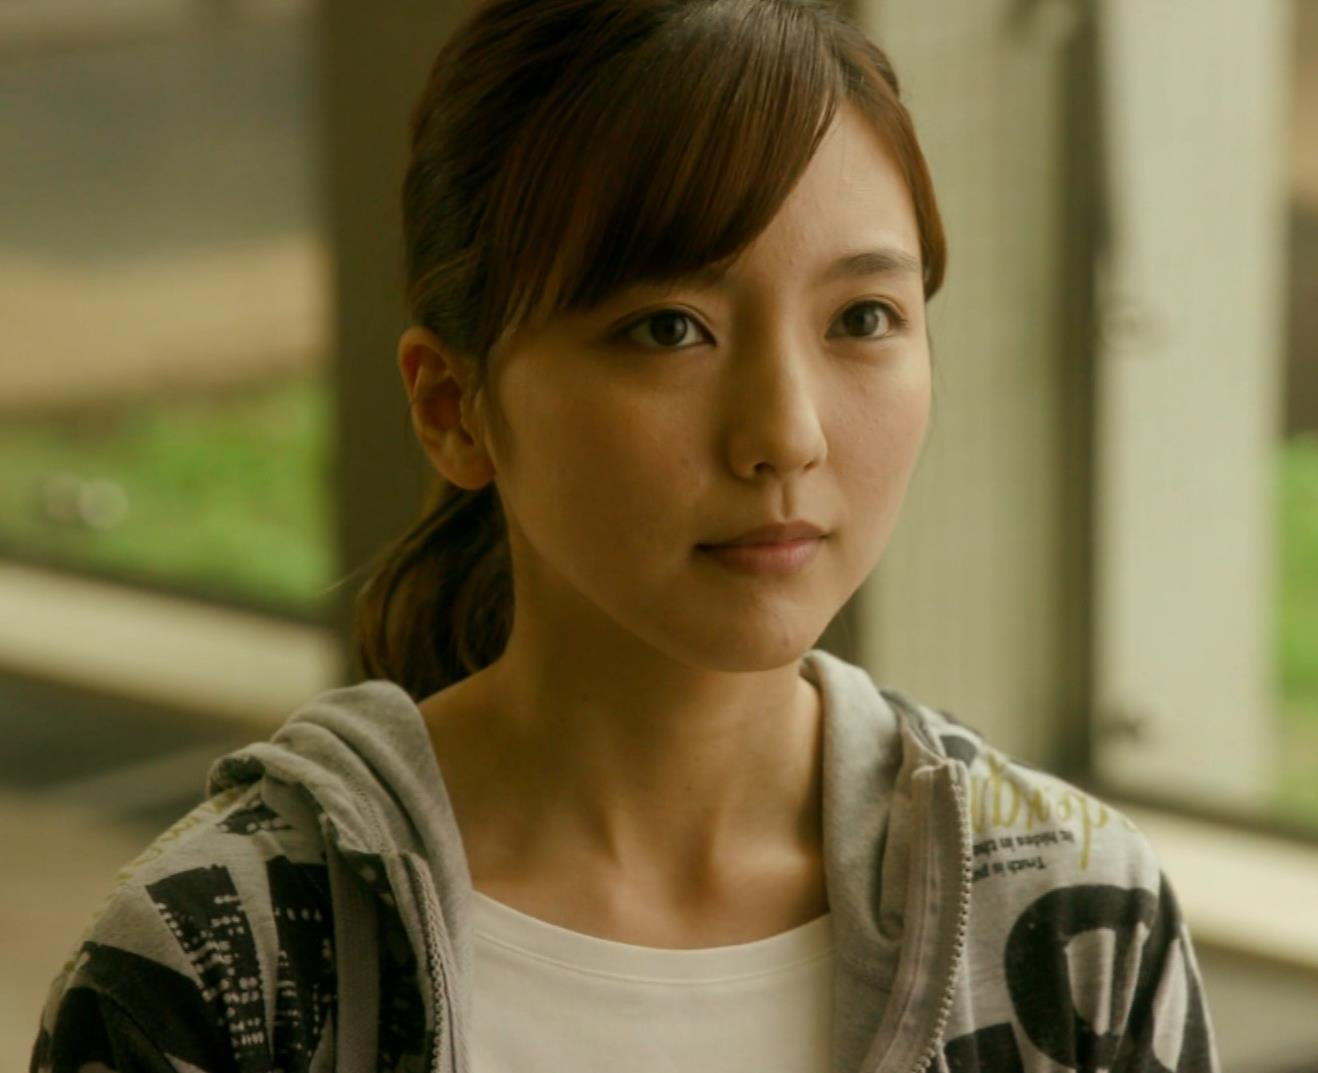 真野恵里菜 Tシャツおっぱいがエロい 「相棒」キャプ・エロ画像